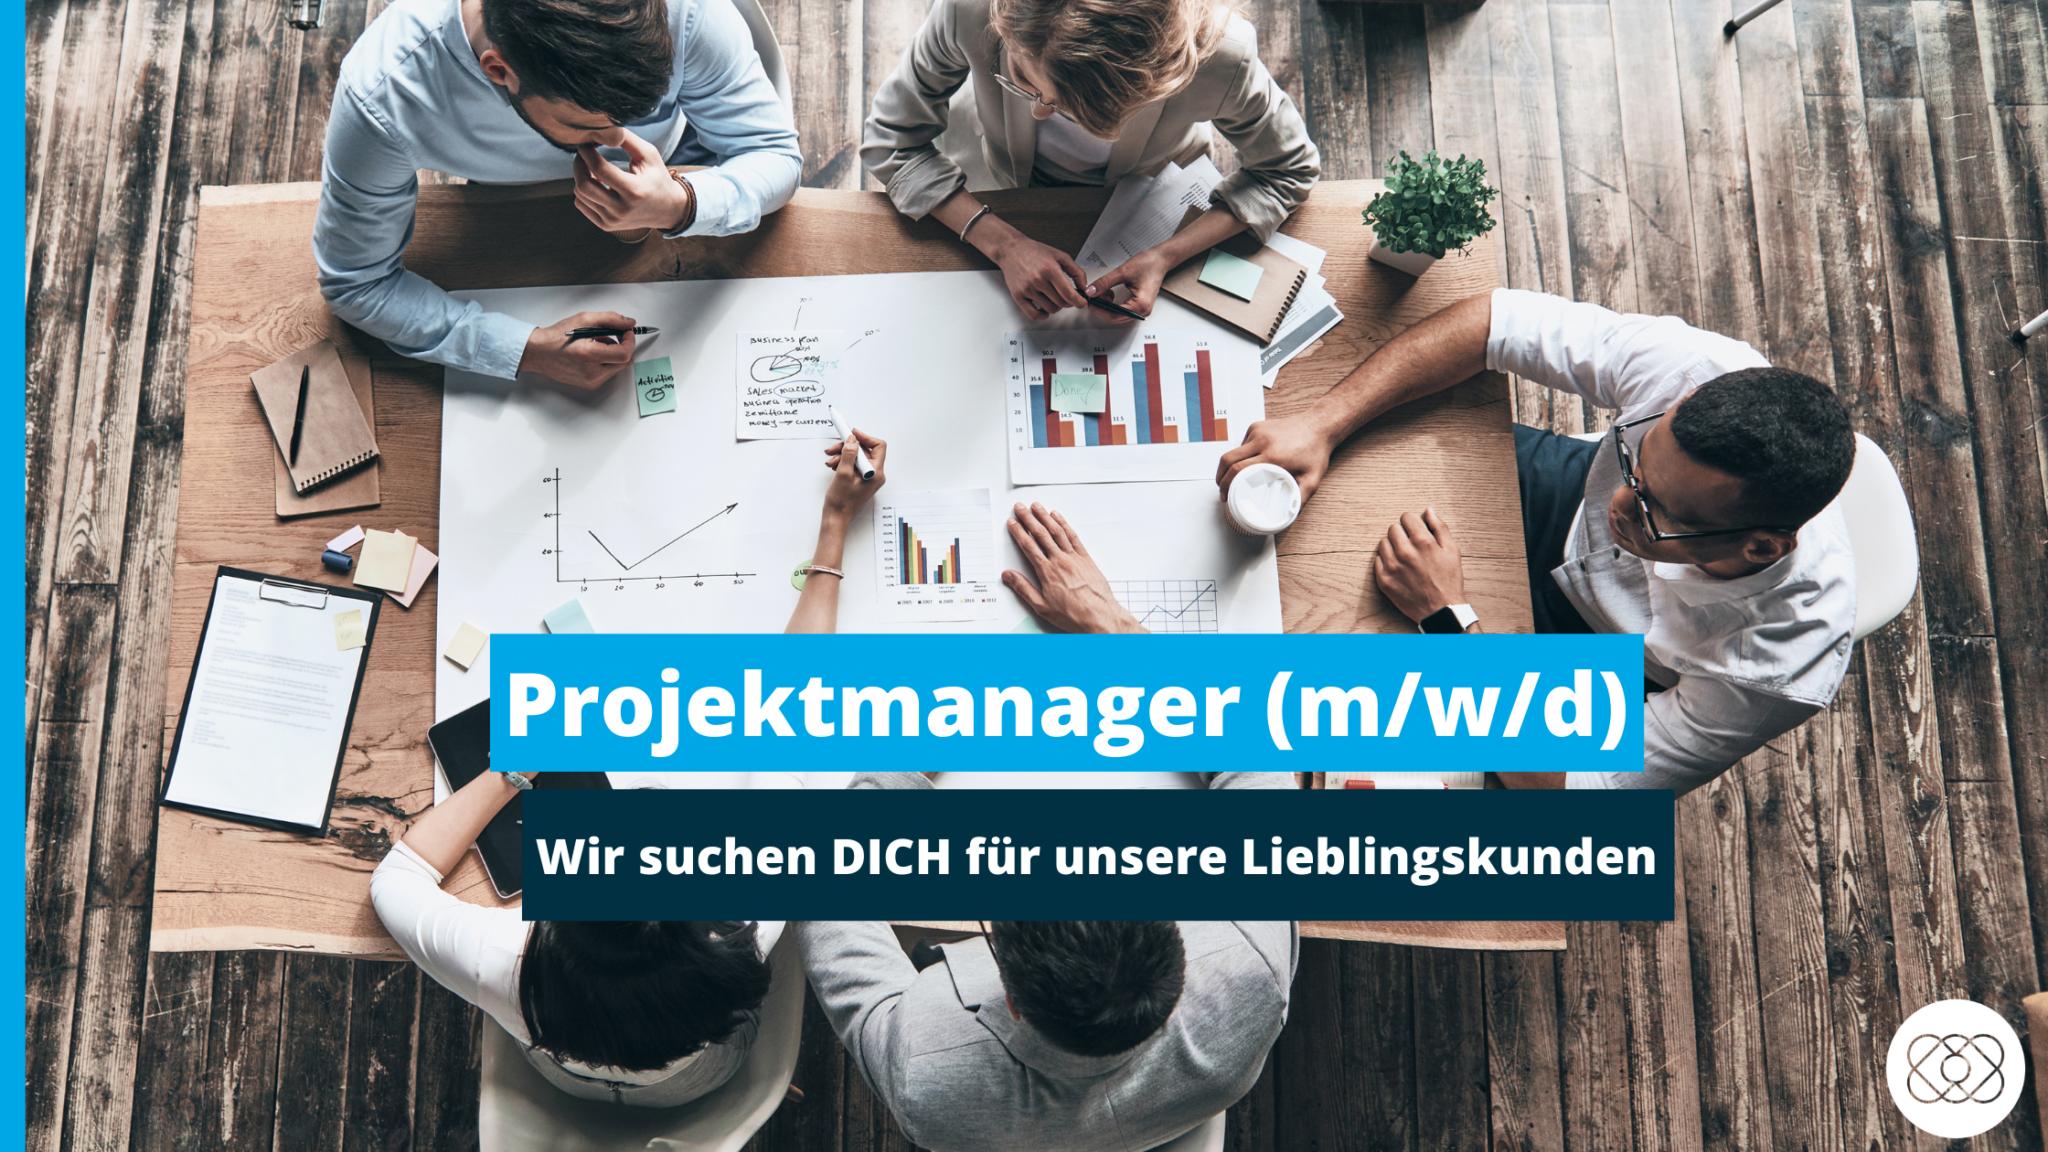 Projektmanager (m/w/d) in Köln gesucht